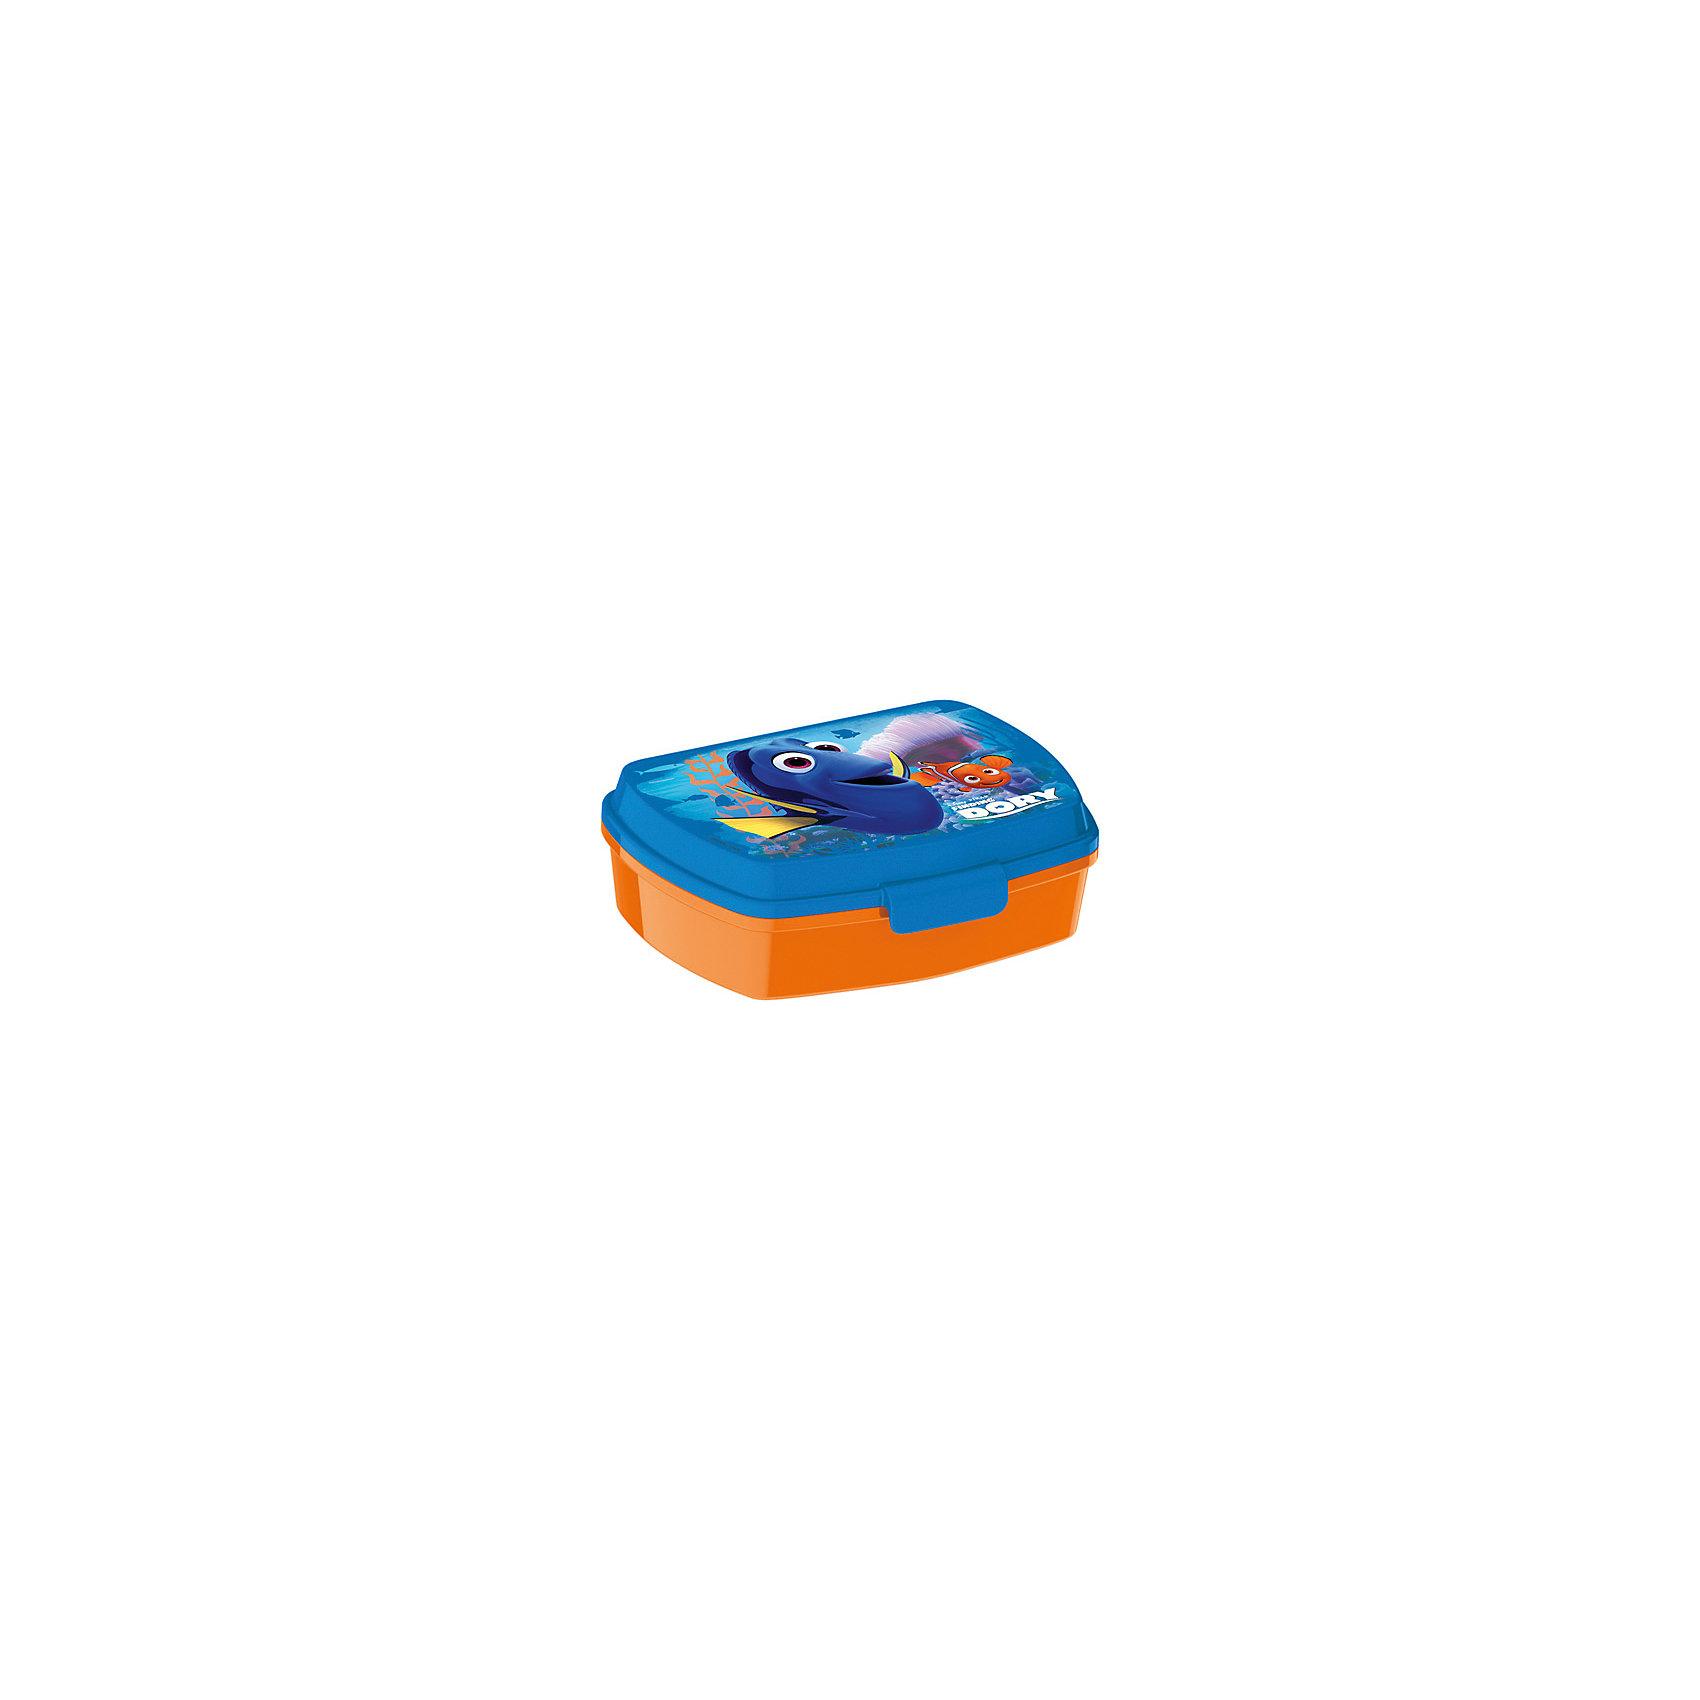 Бутербродница В поисках Дори 17,5*14x5,8 смБутылки для воды и бутербродницы<br>Характеристики товара:<br><br>• материал: пластик<br>• размер: 17x14x6 см<br>• для бутербродов<br>• вес: 90 г<br>• с рисунком<br><br>Такая бутербродница станет отличным подарком для ребенка! Она отличается тем, что на предмете изображена Дори из мультика В поисках Дори. Есть из предметов с любимым героем многих современных детей - всегда приятнее. Бутербродница очень удобна, объем оптимален для детей, сюда как раз вместятся бутерброды. Плюс - изделие дополнено специальной крышкой. Использовать его можно и в школе, и на улице!<br>Бутербродница выпущена в удобном формате, размер - универсальный. Изделие производится из качественных и проверенных материалов, которые безопасны для детей.<br><br>Бутербродницу В поисках Дори можно купить в нашем интернет-магазине.<br><br>Ширина мм: 175<br>Глубина мм: 140<br>Высота мм: 58<br>Вес г: 90<br>Возраст от месяцев: 36<br>Возраст до месяцев: 120<br>Пол: Унисекс<br>Возраст: Детский<br>SKU: 5220406